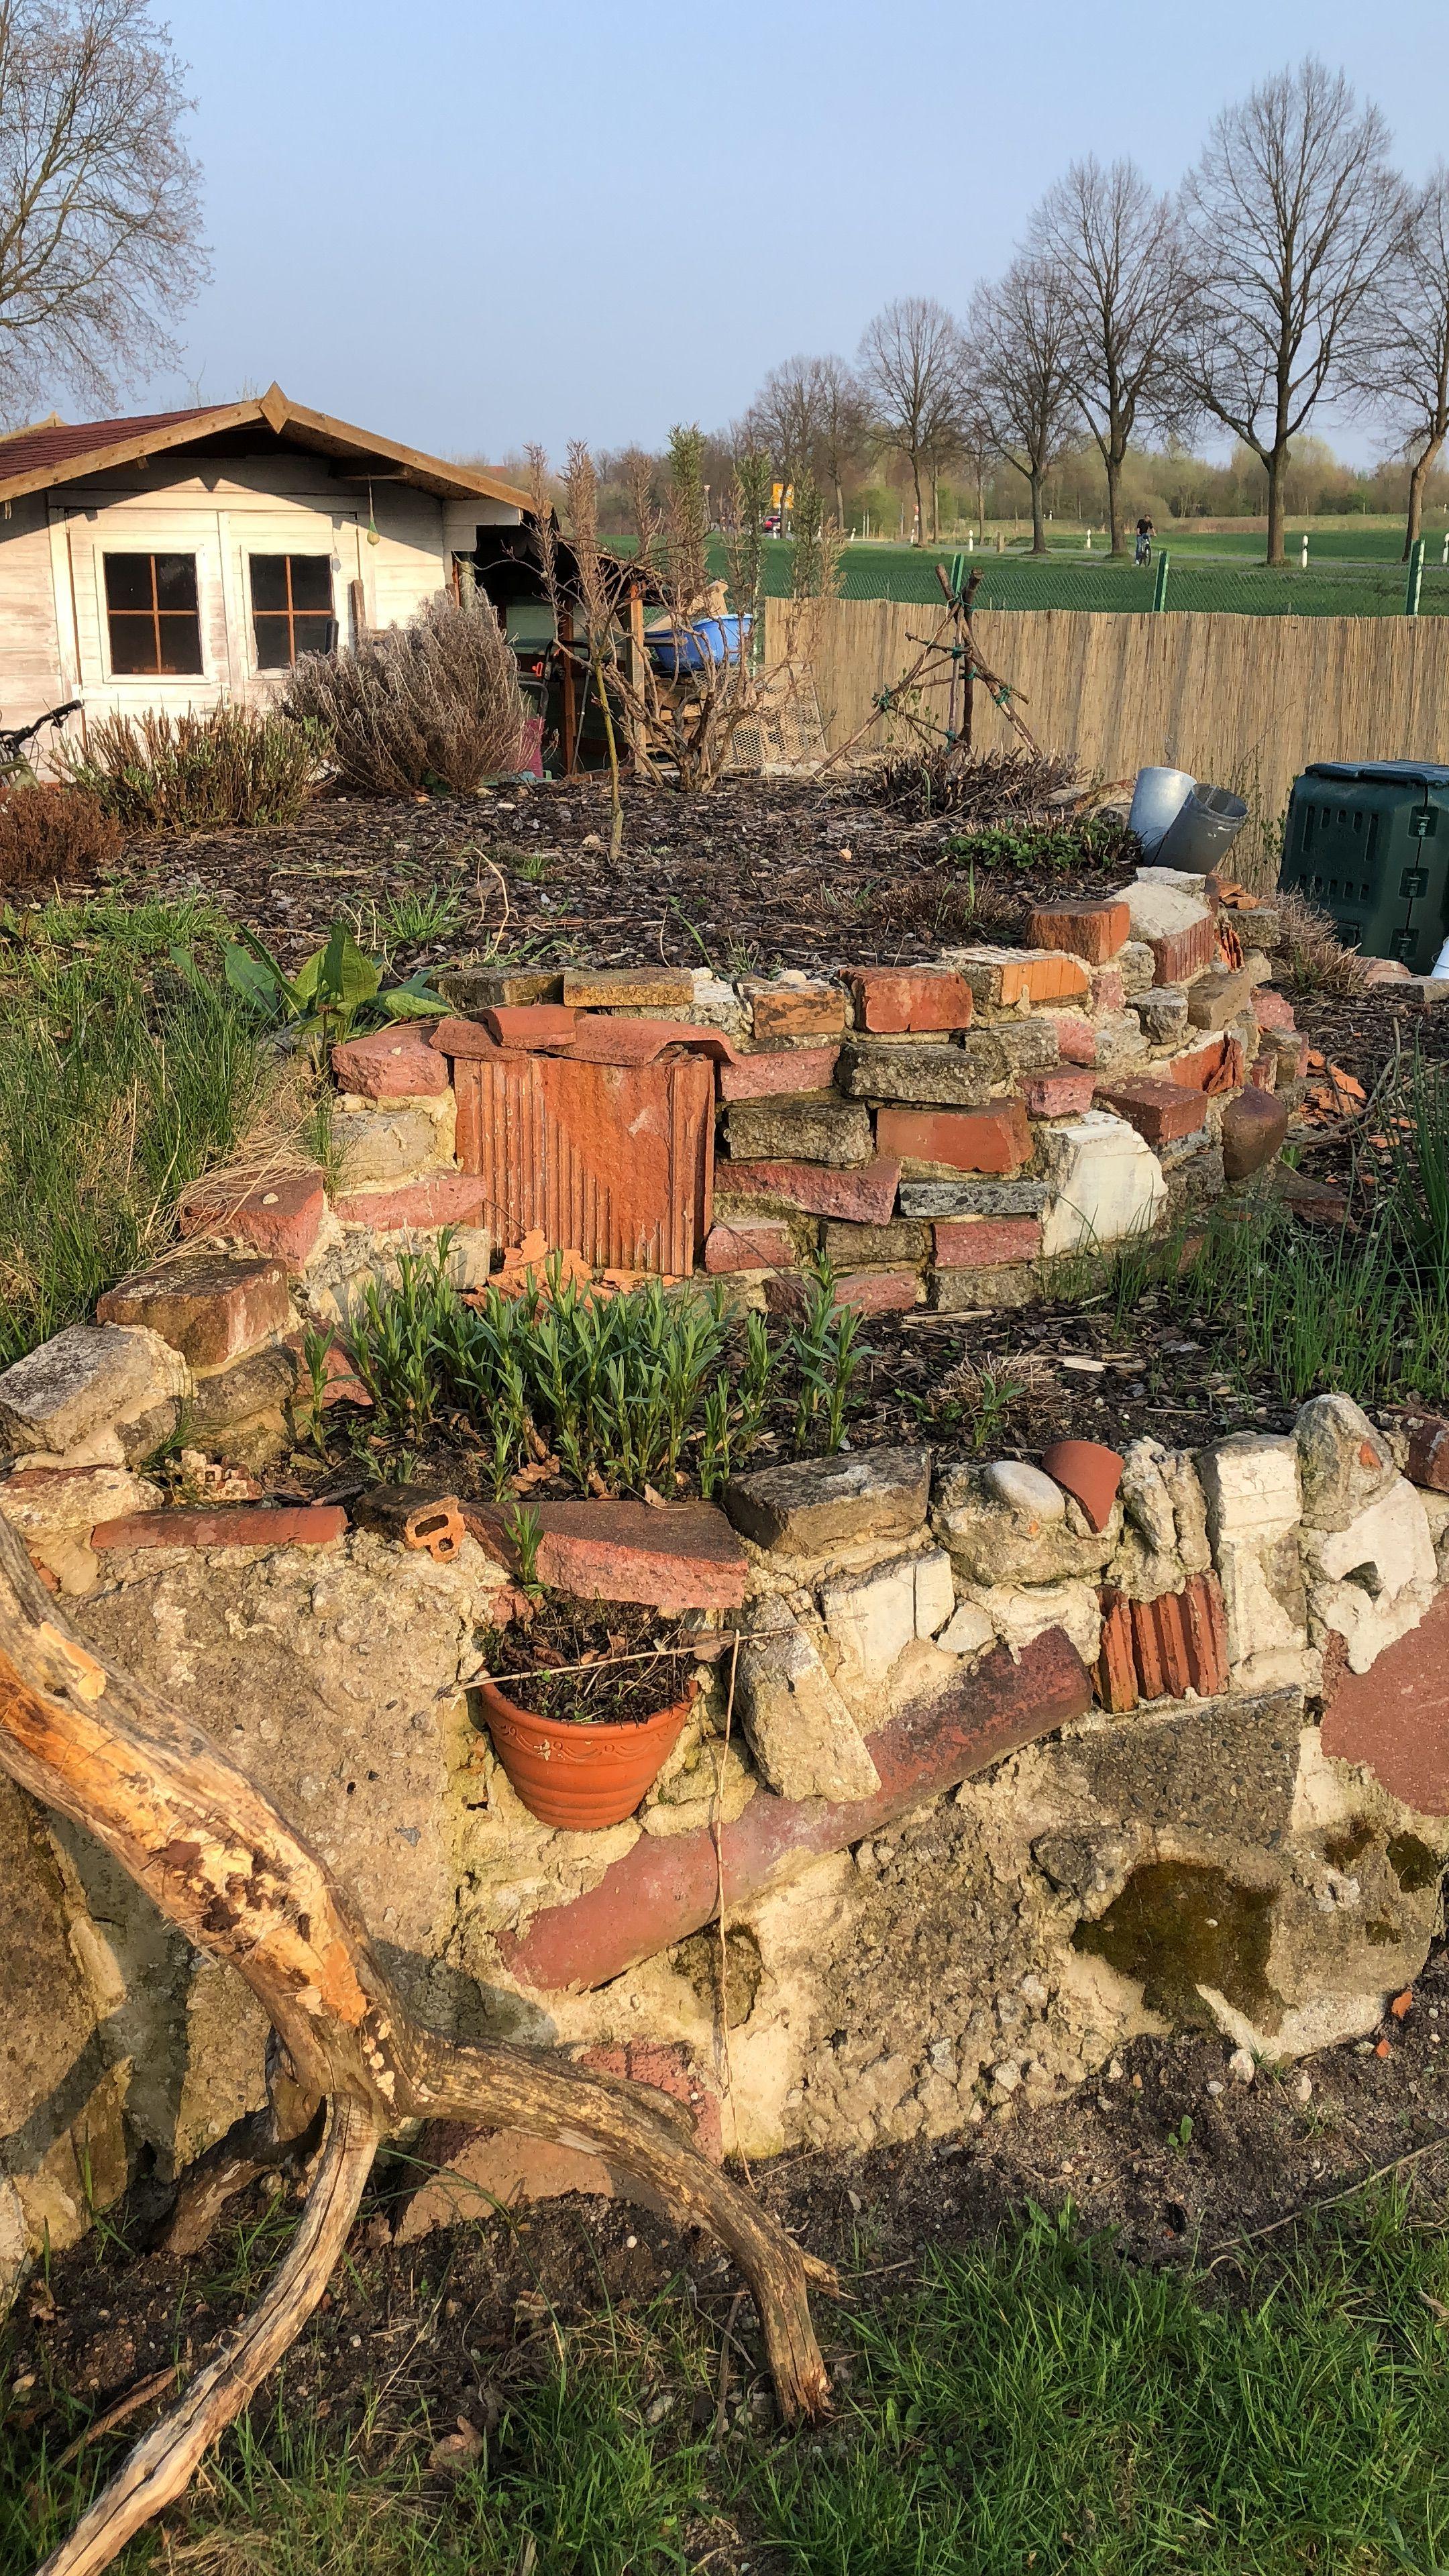 Krauterhugel Aus Bauschutt Recycling Von Vorhandenen Materialien Bauschutt Gartengestaltung Garten